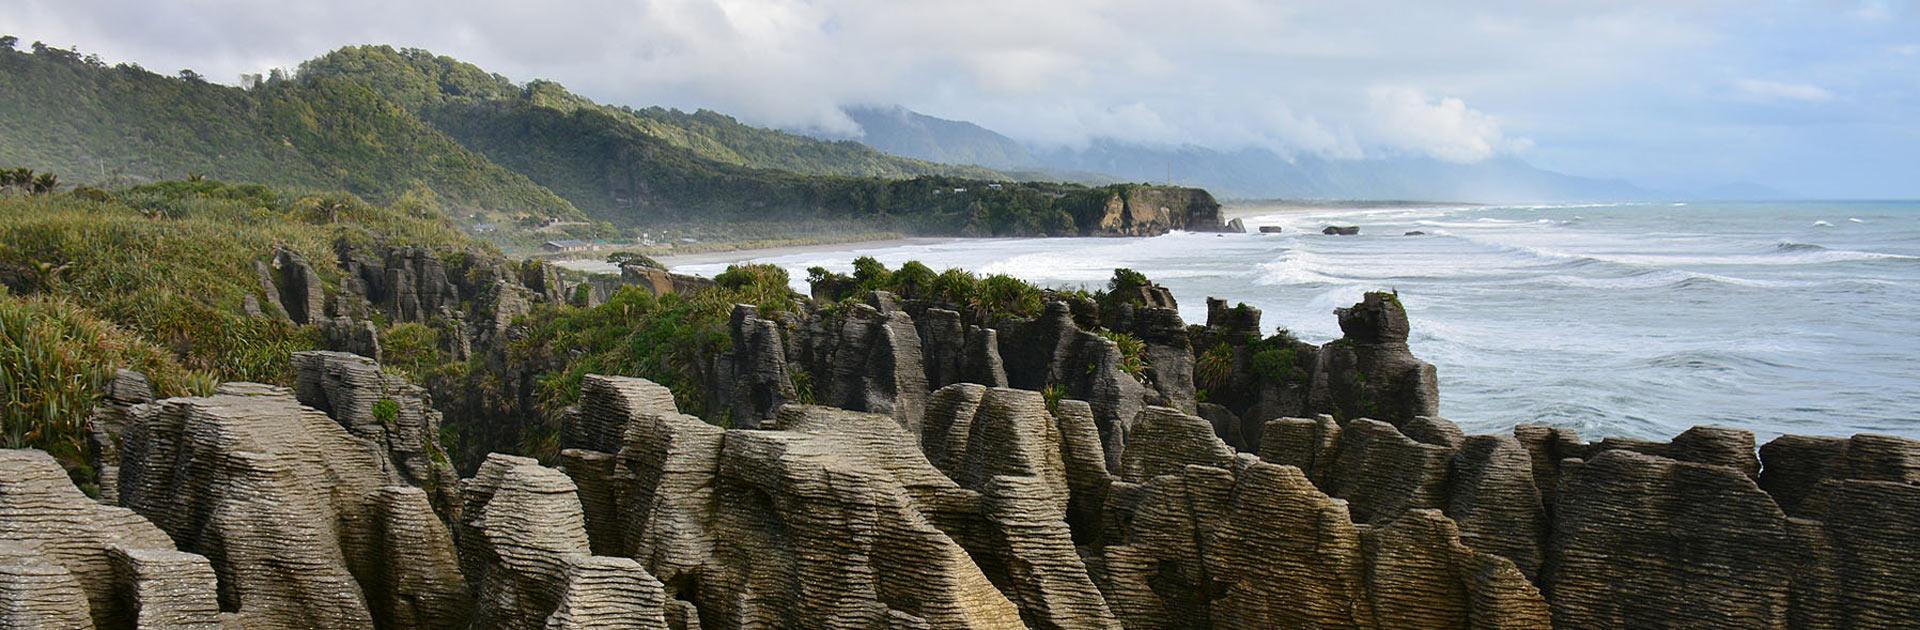 NZPF Nueva Zelanda y Bora Bora 23 días 3